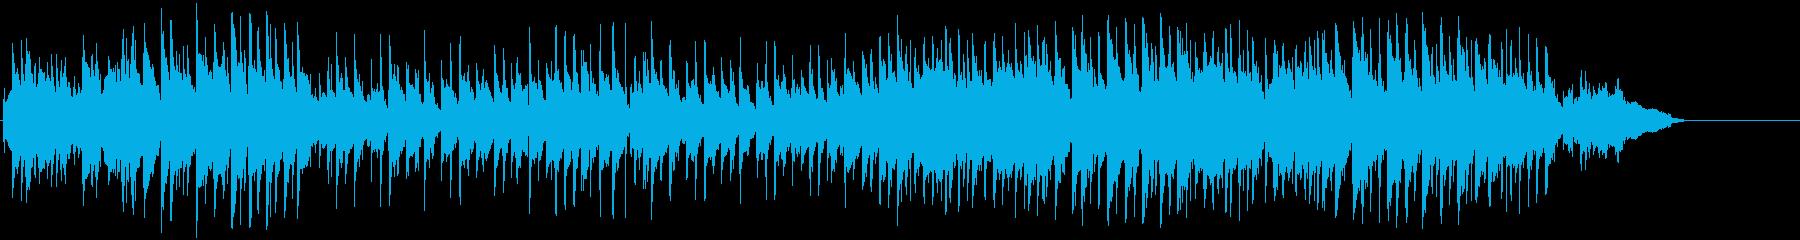 スイートなポップ/バラード/テーマの再生済みの波形